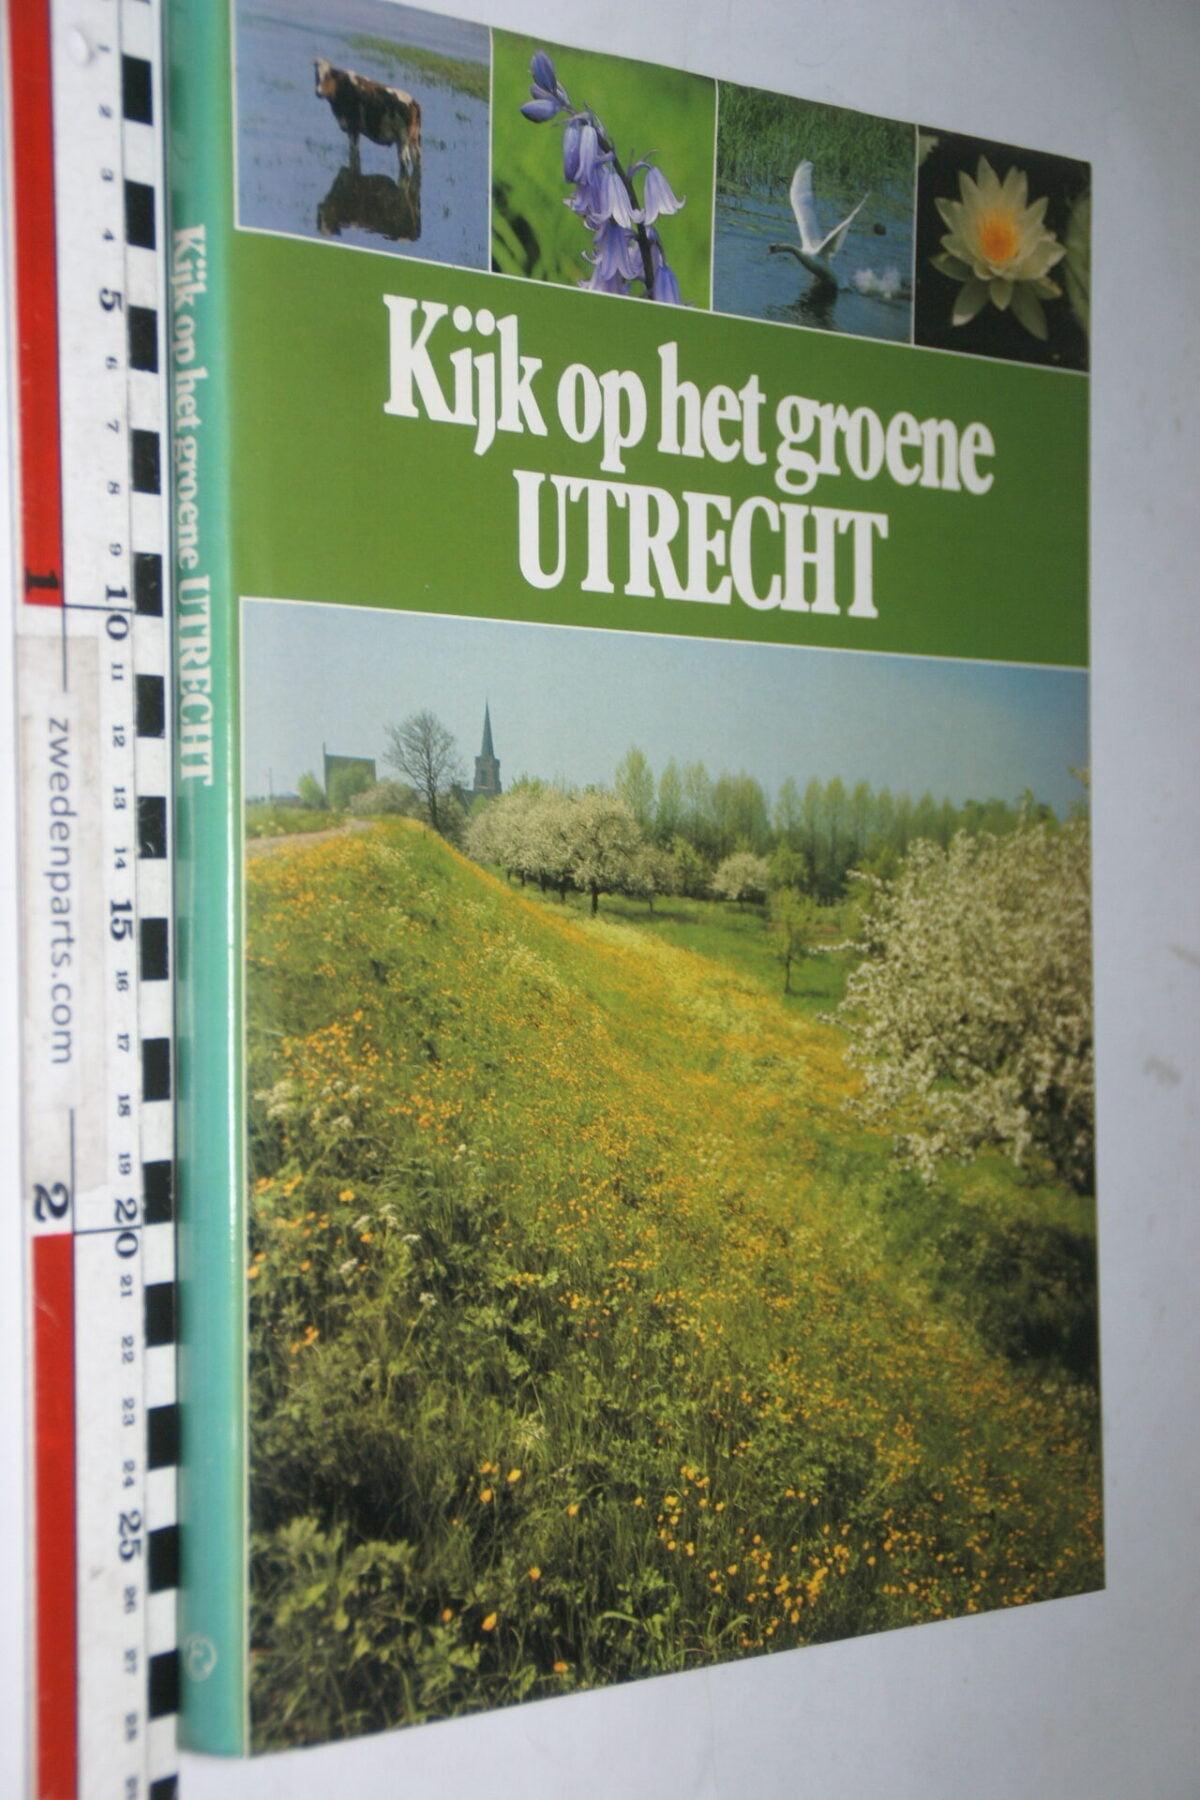 DSC03689 1984 boek Kijk op het groene Utrecht ISBN 9010043649-8fcd1711